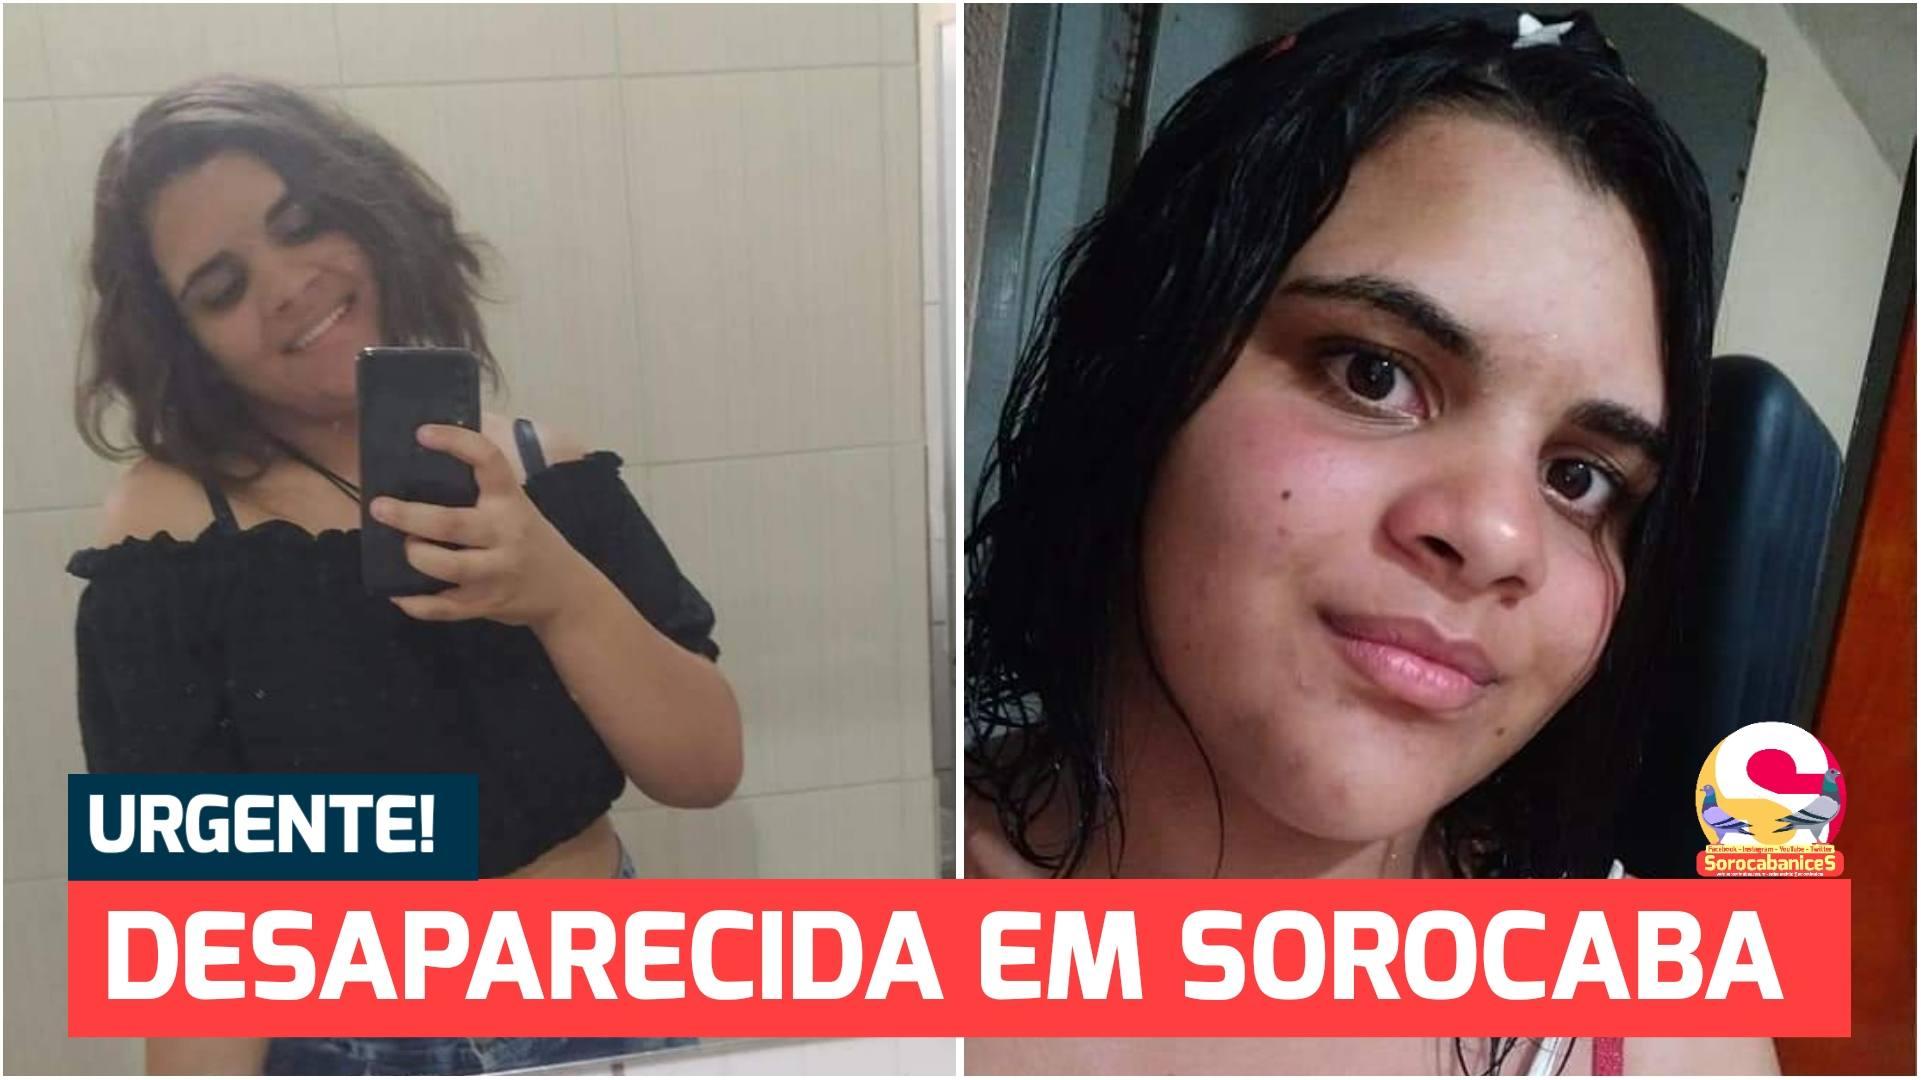 Garota de 16 anos com bipolaridade desaparece em Sorocaba